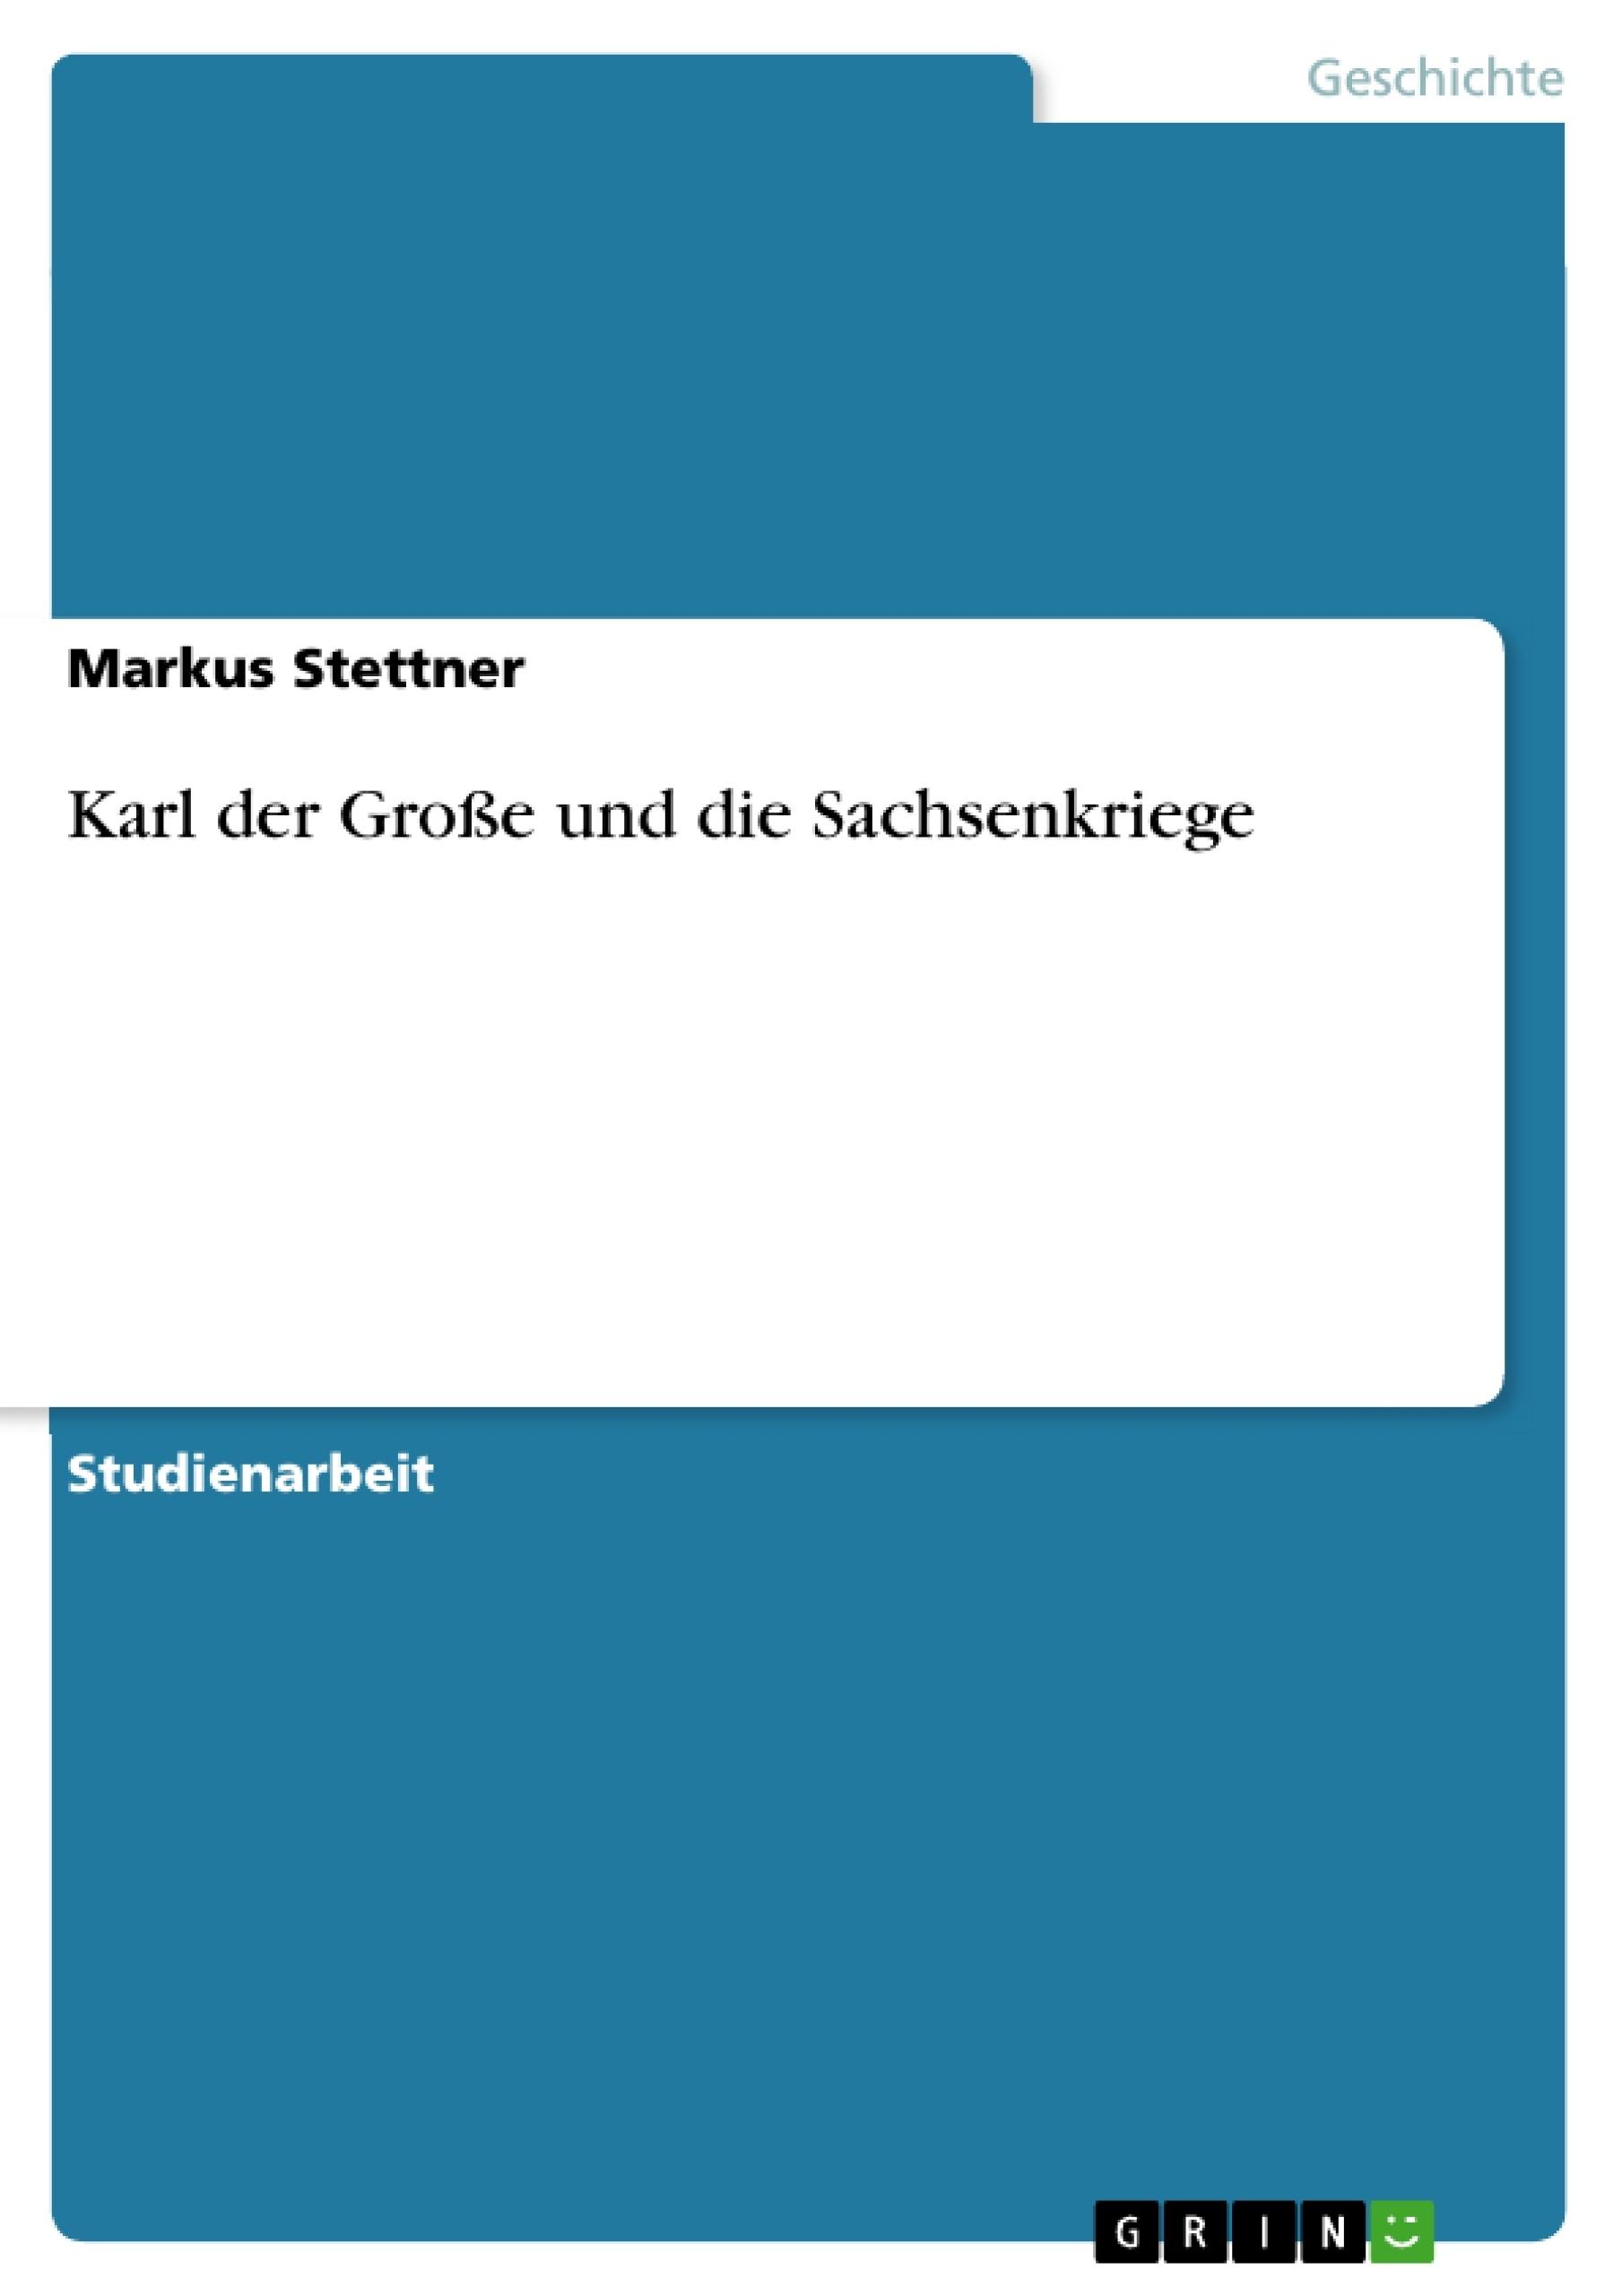 Titel: Karl der Große und die Sachsenkriege